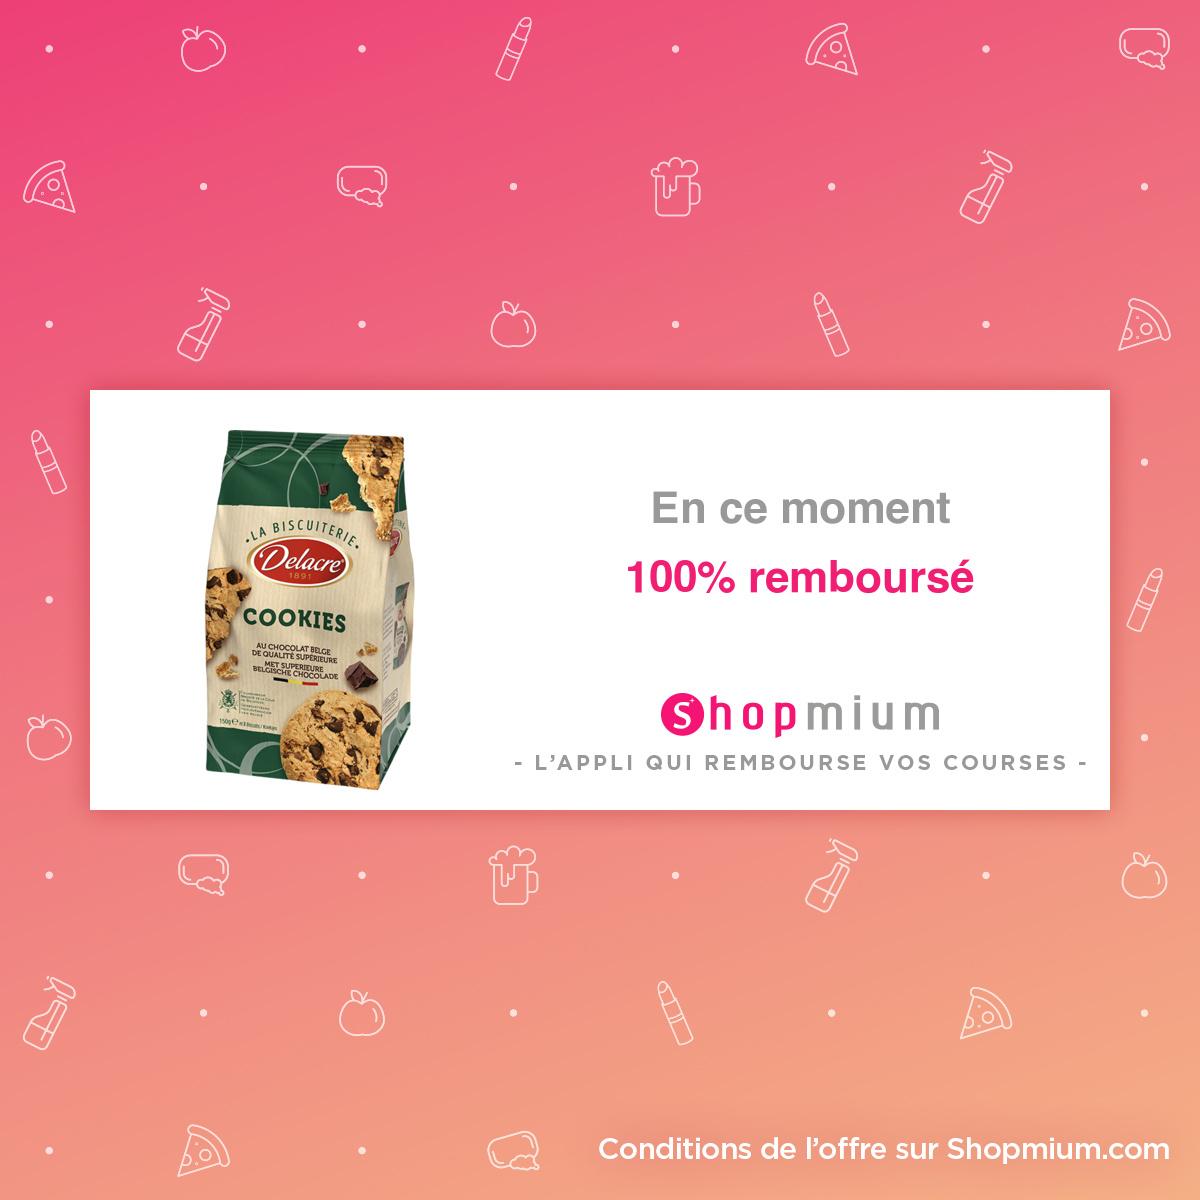 La Biscuiterie Delacre 100% remboursé (Via l'Application)